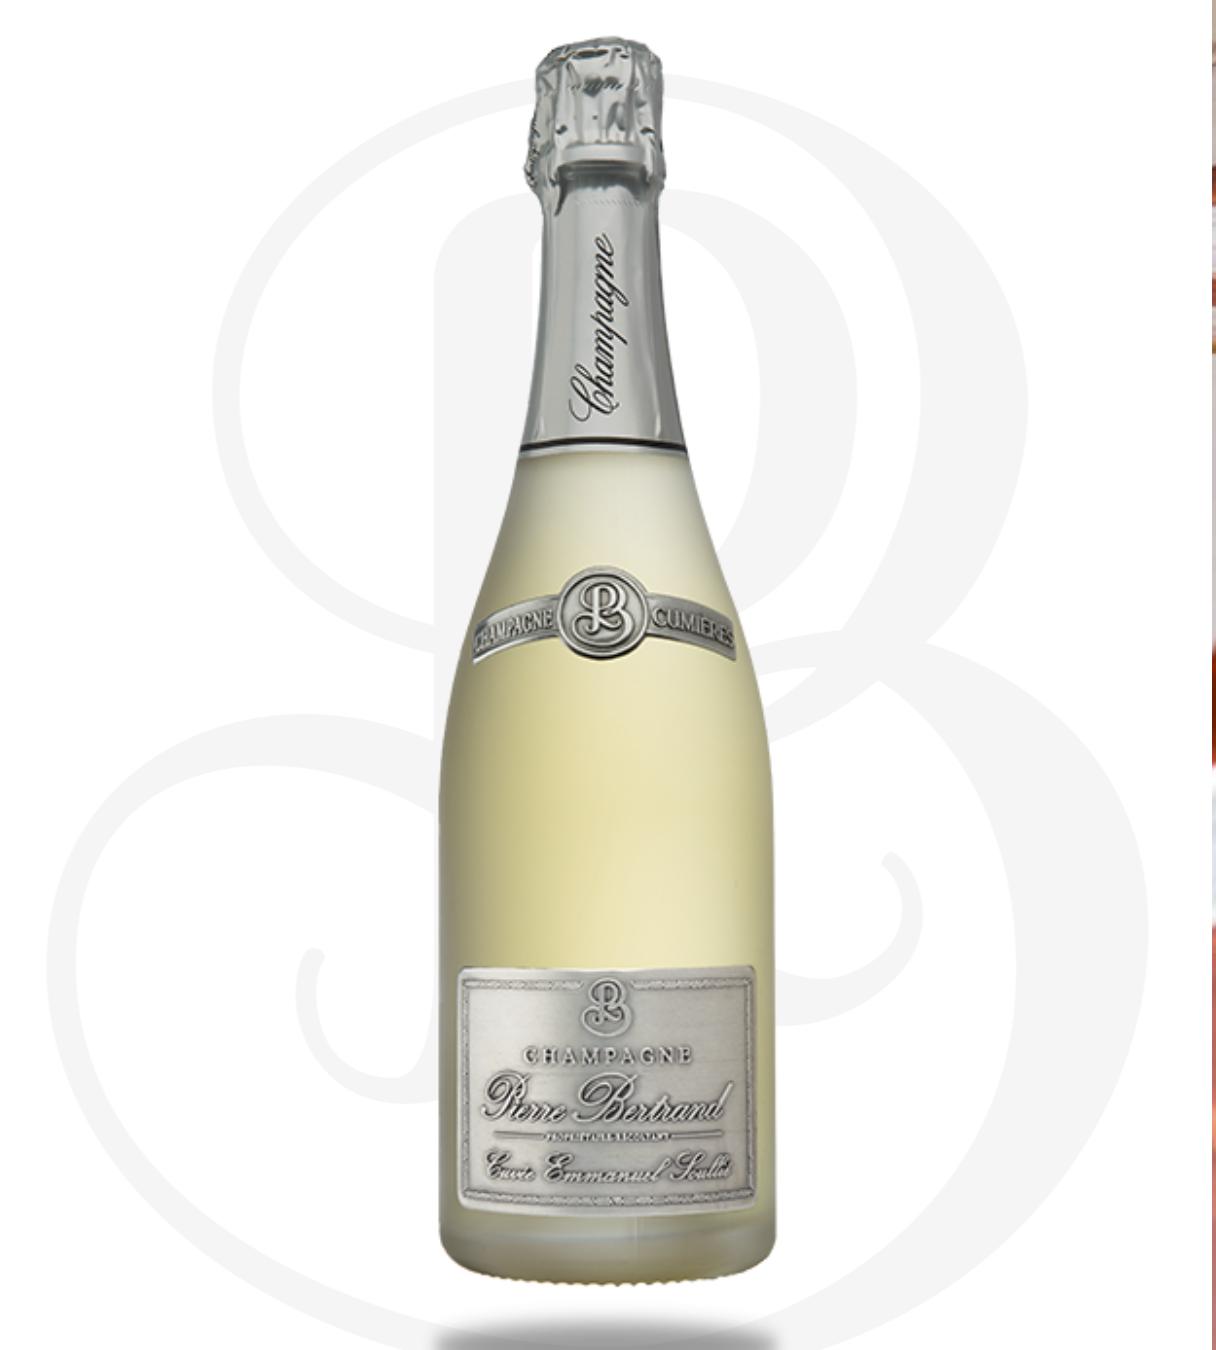 Champagne Pierre Bertand - Cuvée Emmanuel Soullié